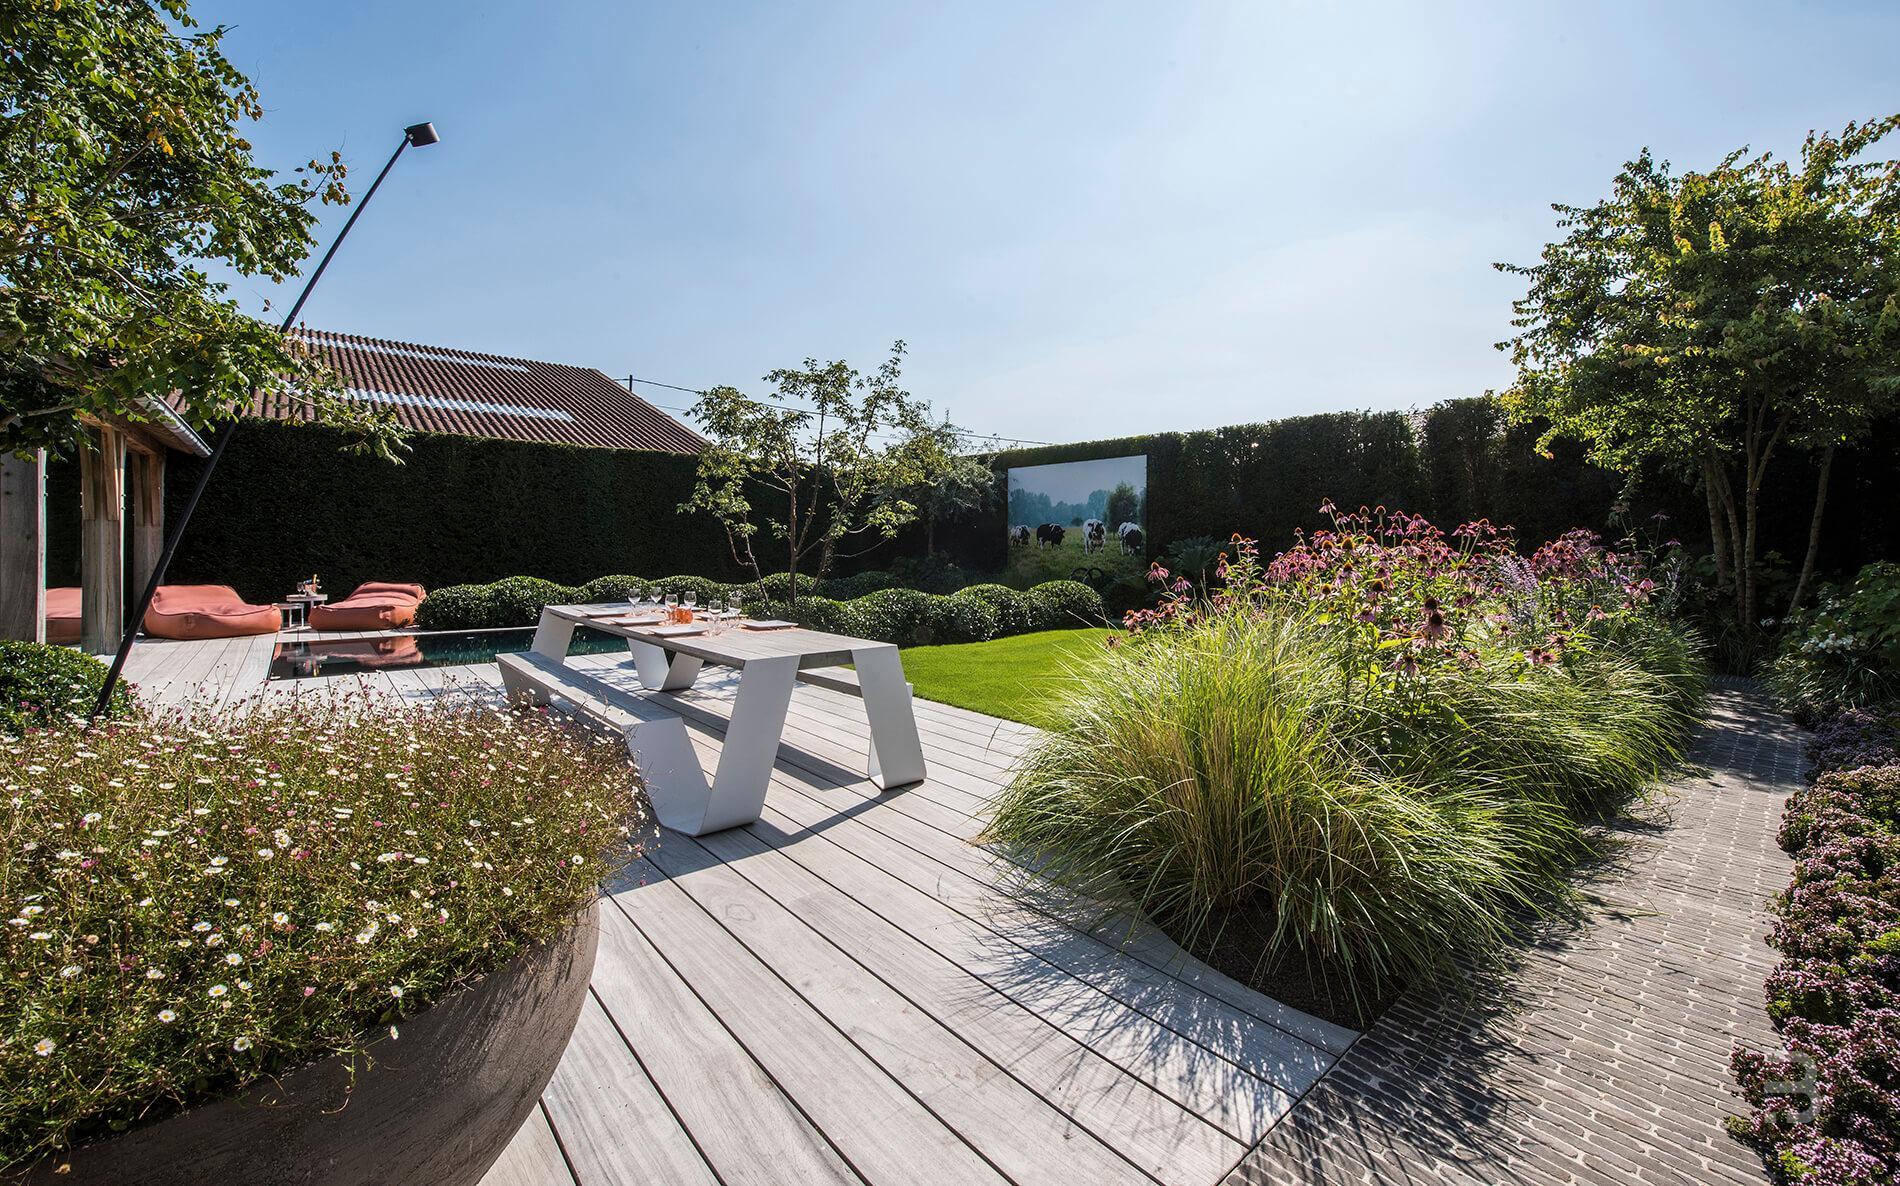 Afbeelding nieuwsitem Goud voor mooie binnentuin 2016 – 2017